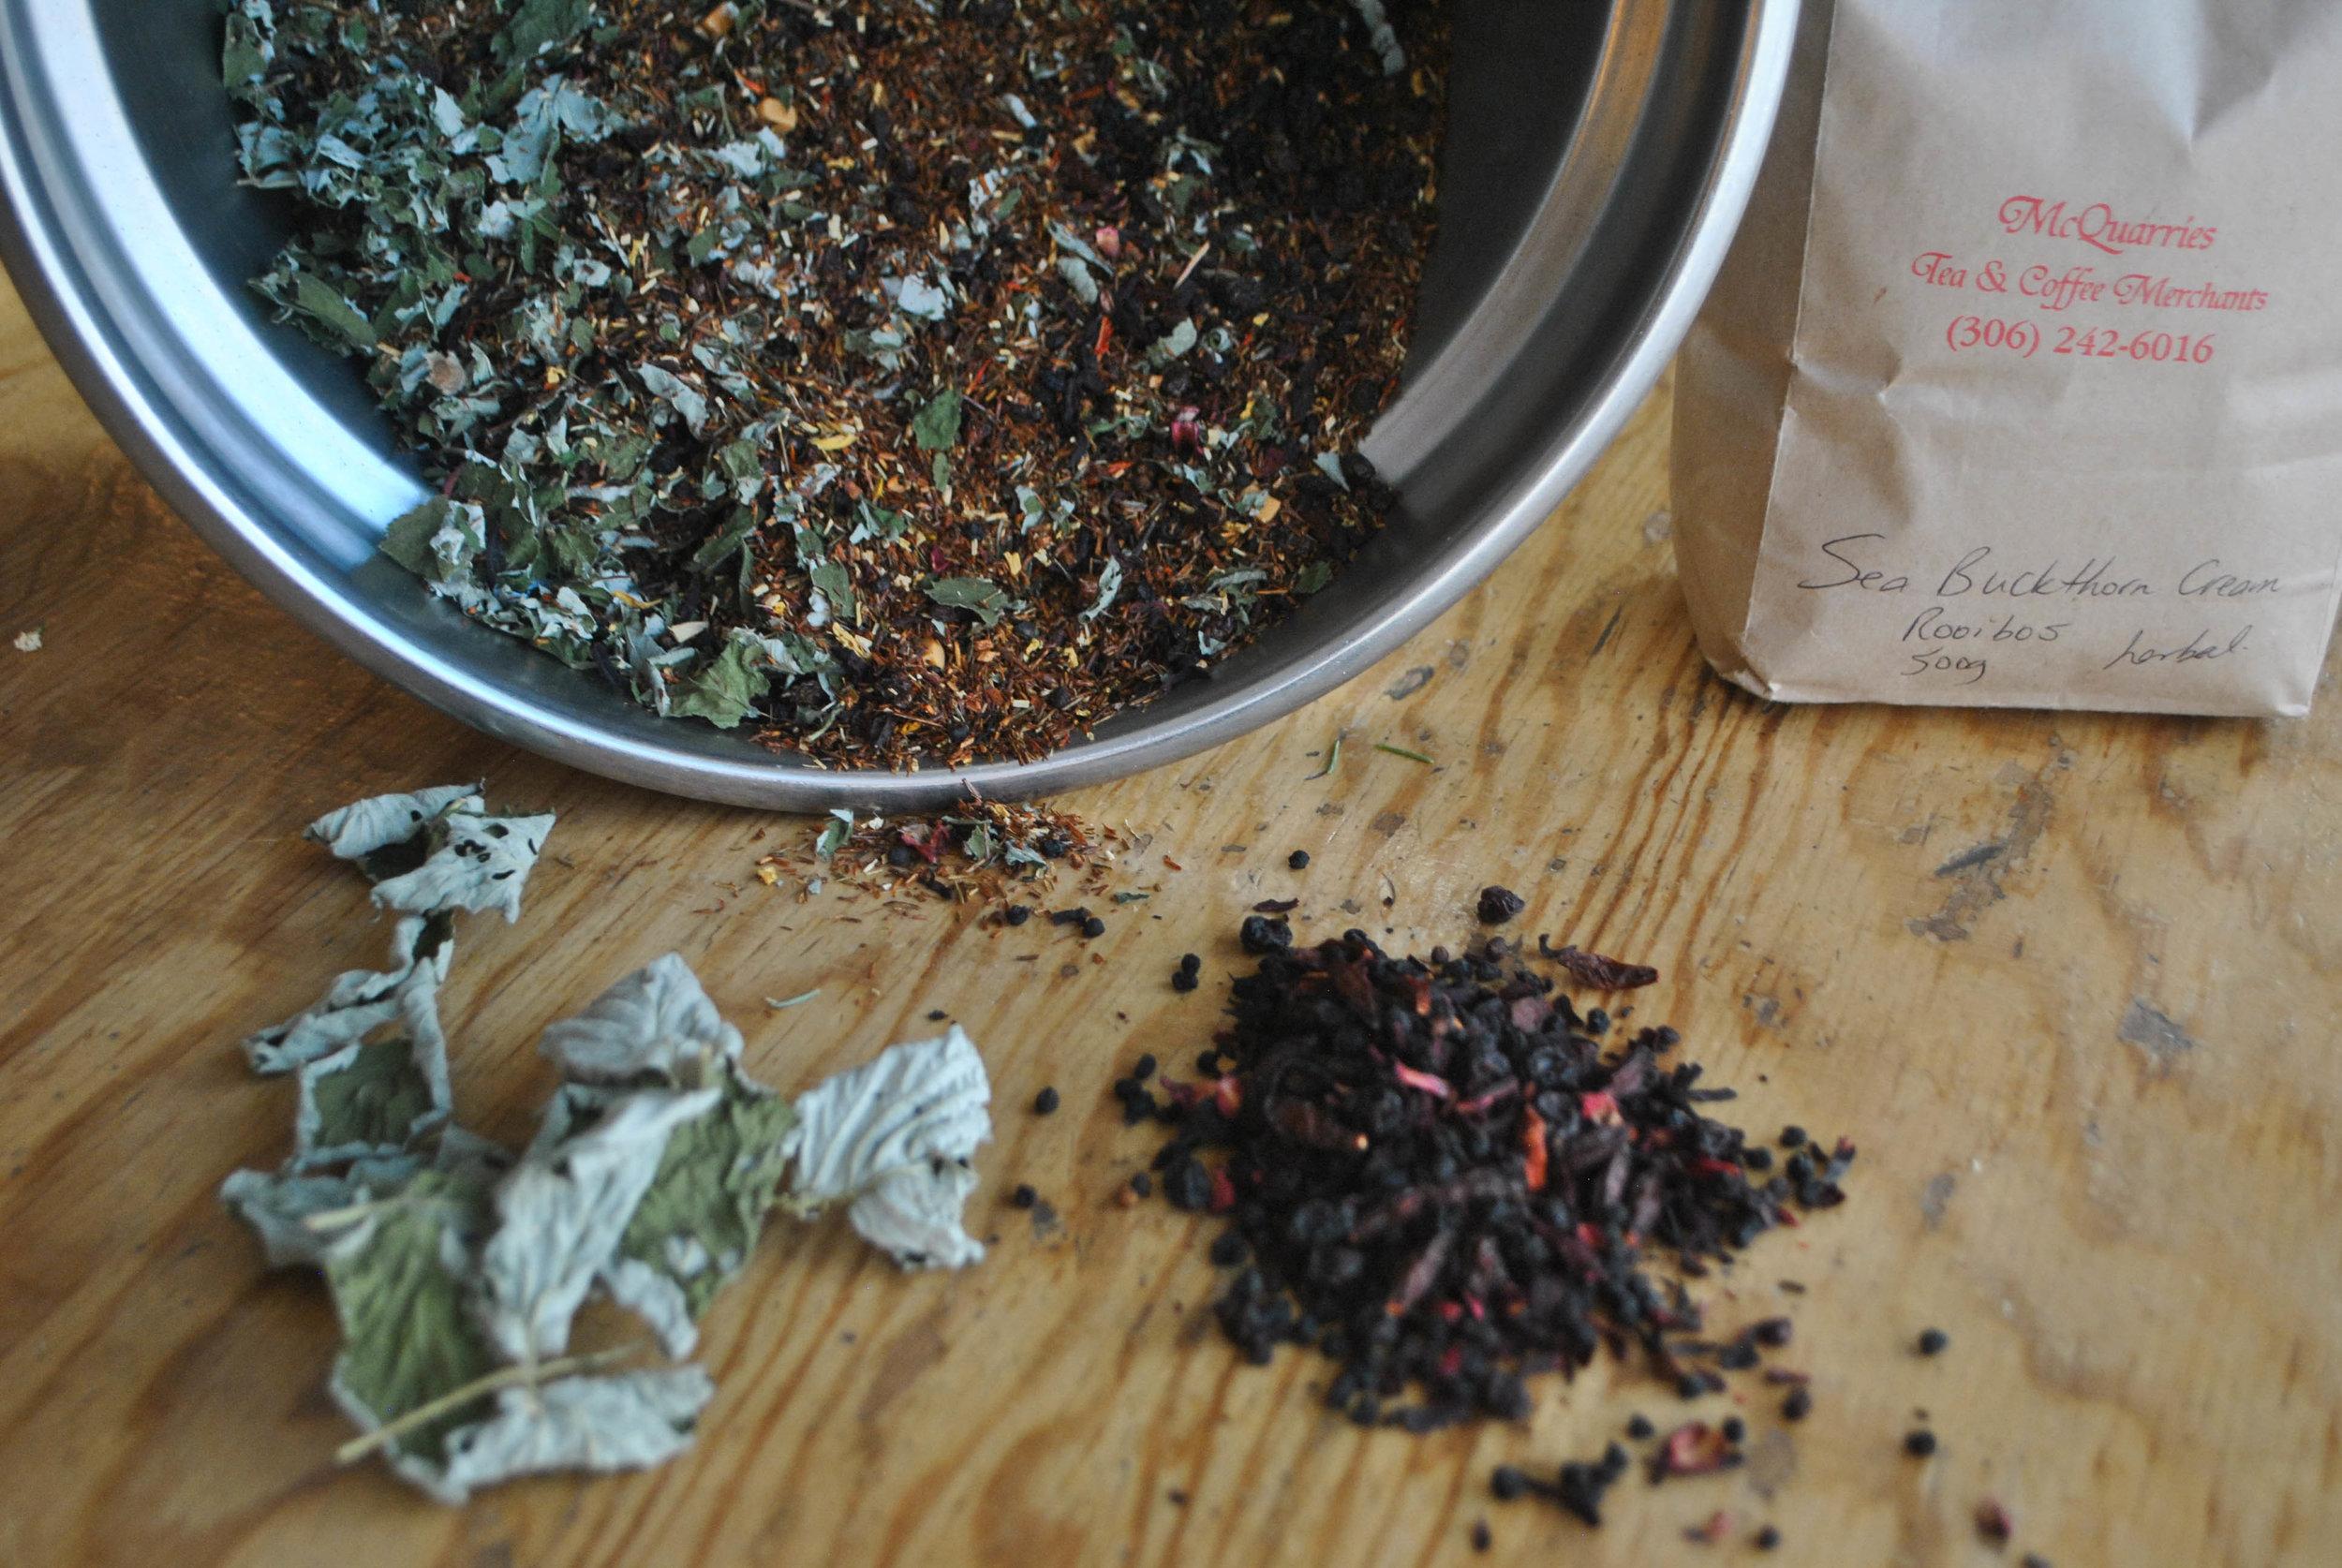 Fruity Tea : Herbal, Fun, Antioxidant.Pear Rooibos, Raspberry Leaf, Rosehip, Foraged Berries, Seabuckthorn